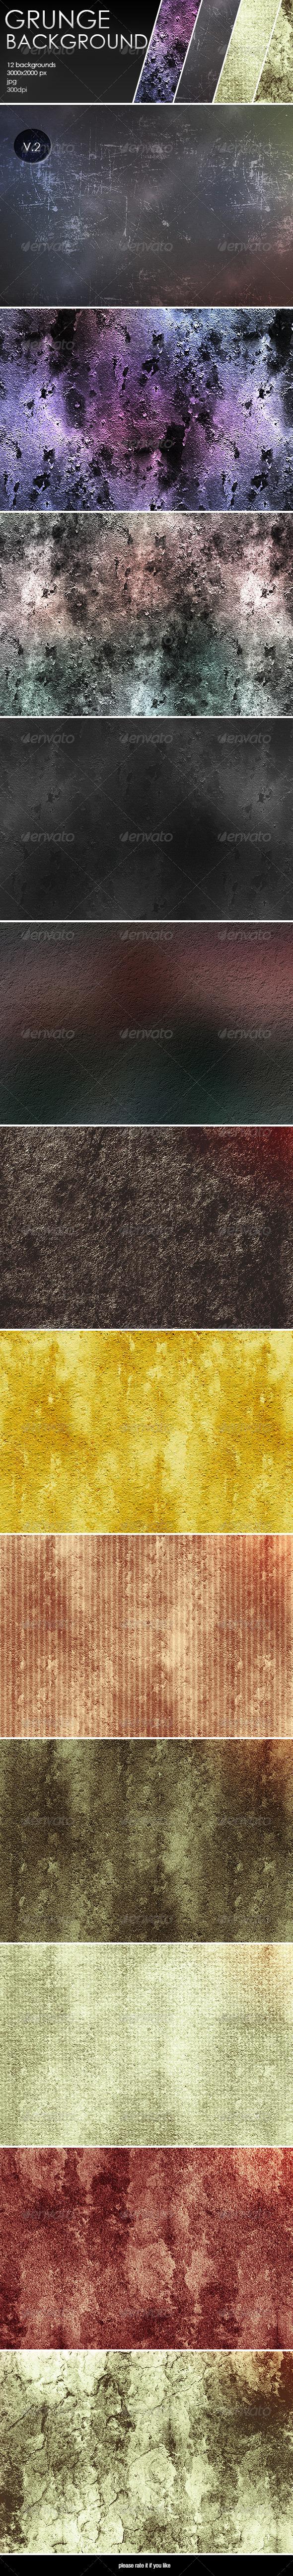 GraphicRiver 12 Grunge Backgrounds-V.2 8048284